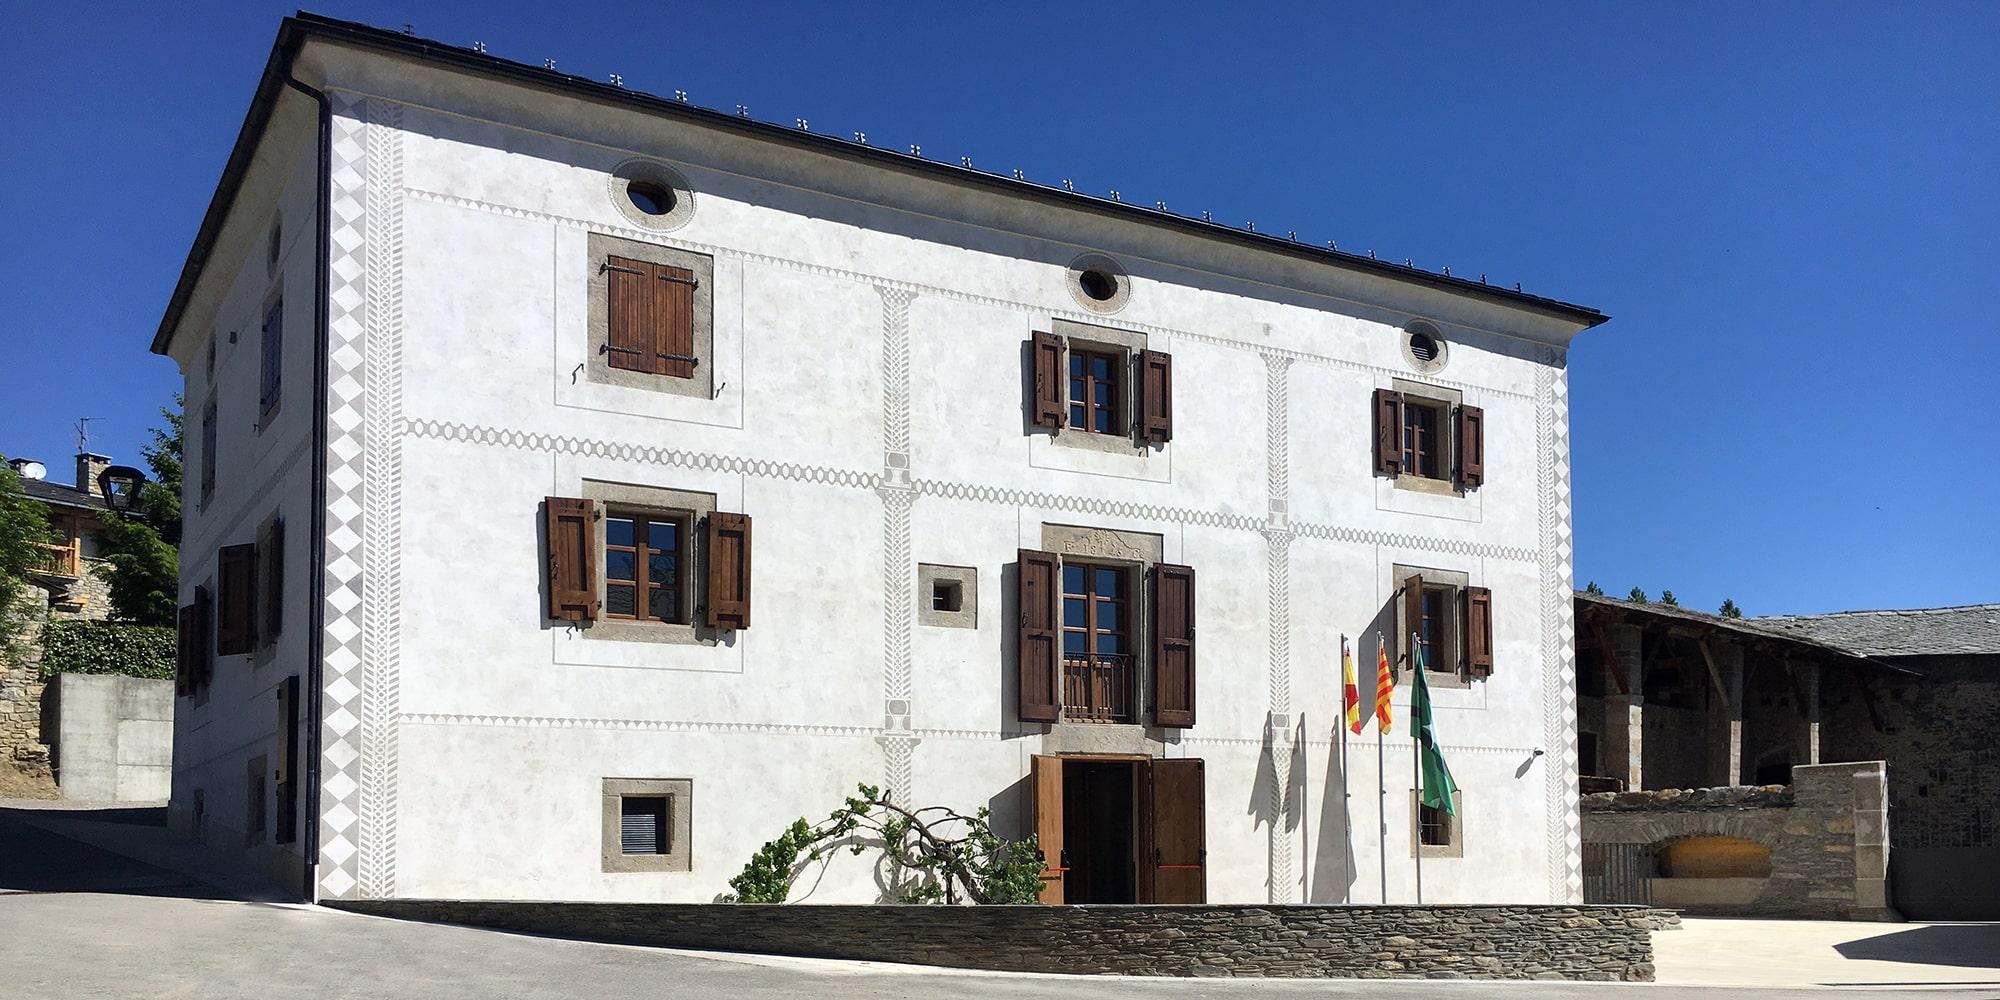 Rehabilitació de Cal Fanxico per a la nova seu de l'Ajuntament de Bolvir